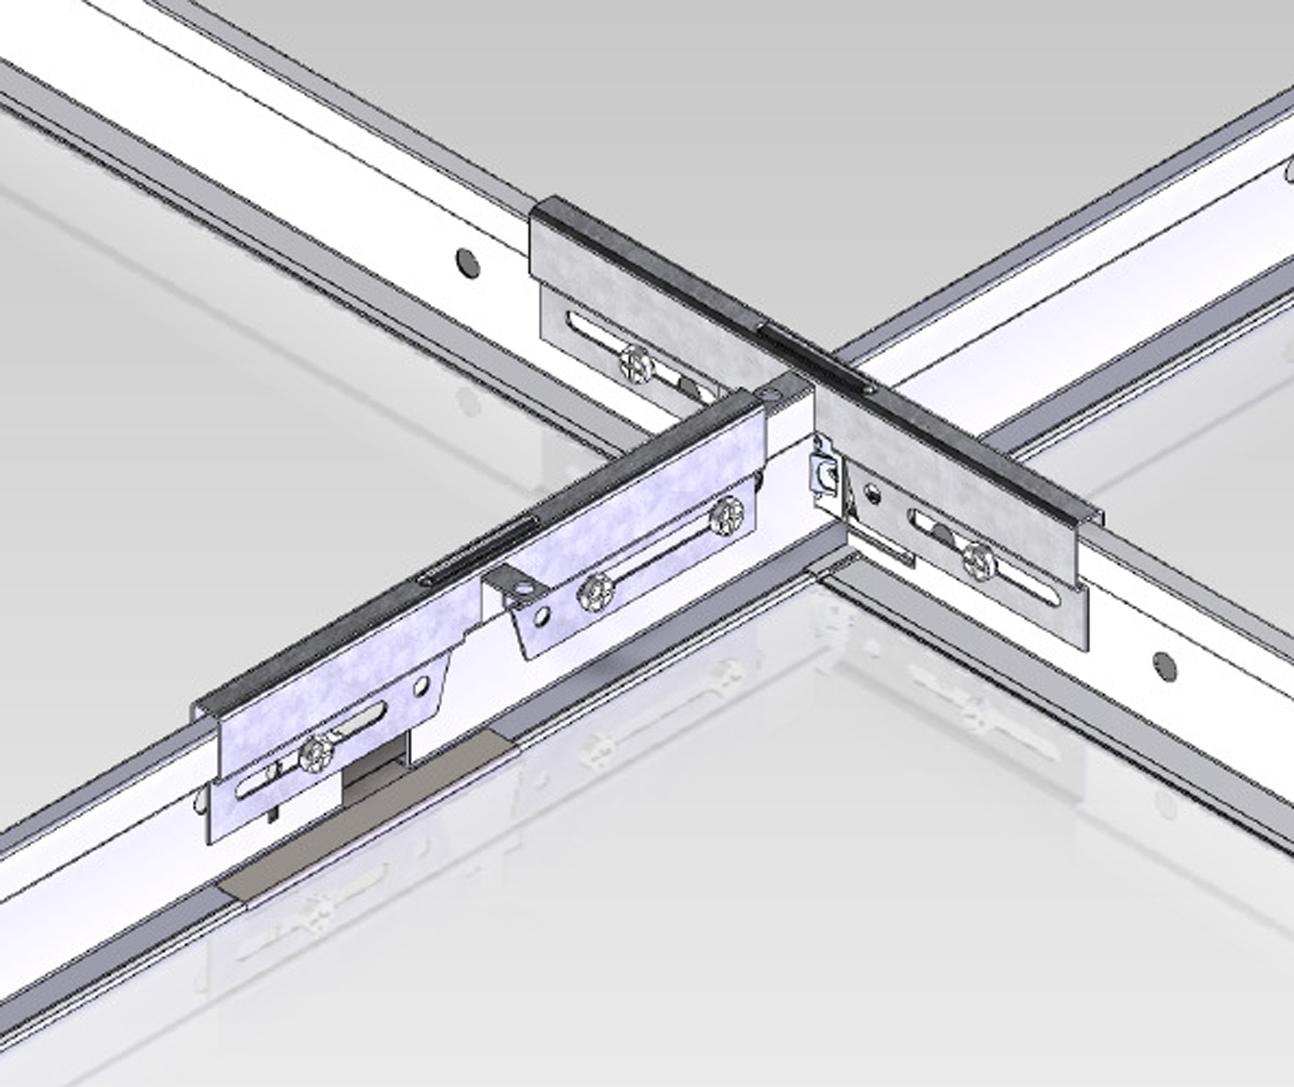 Chicago Metallic Ceiling Grid System Integralbook Com